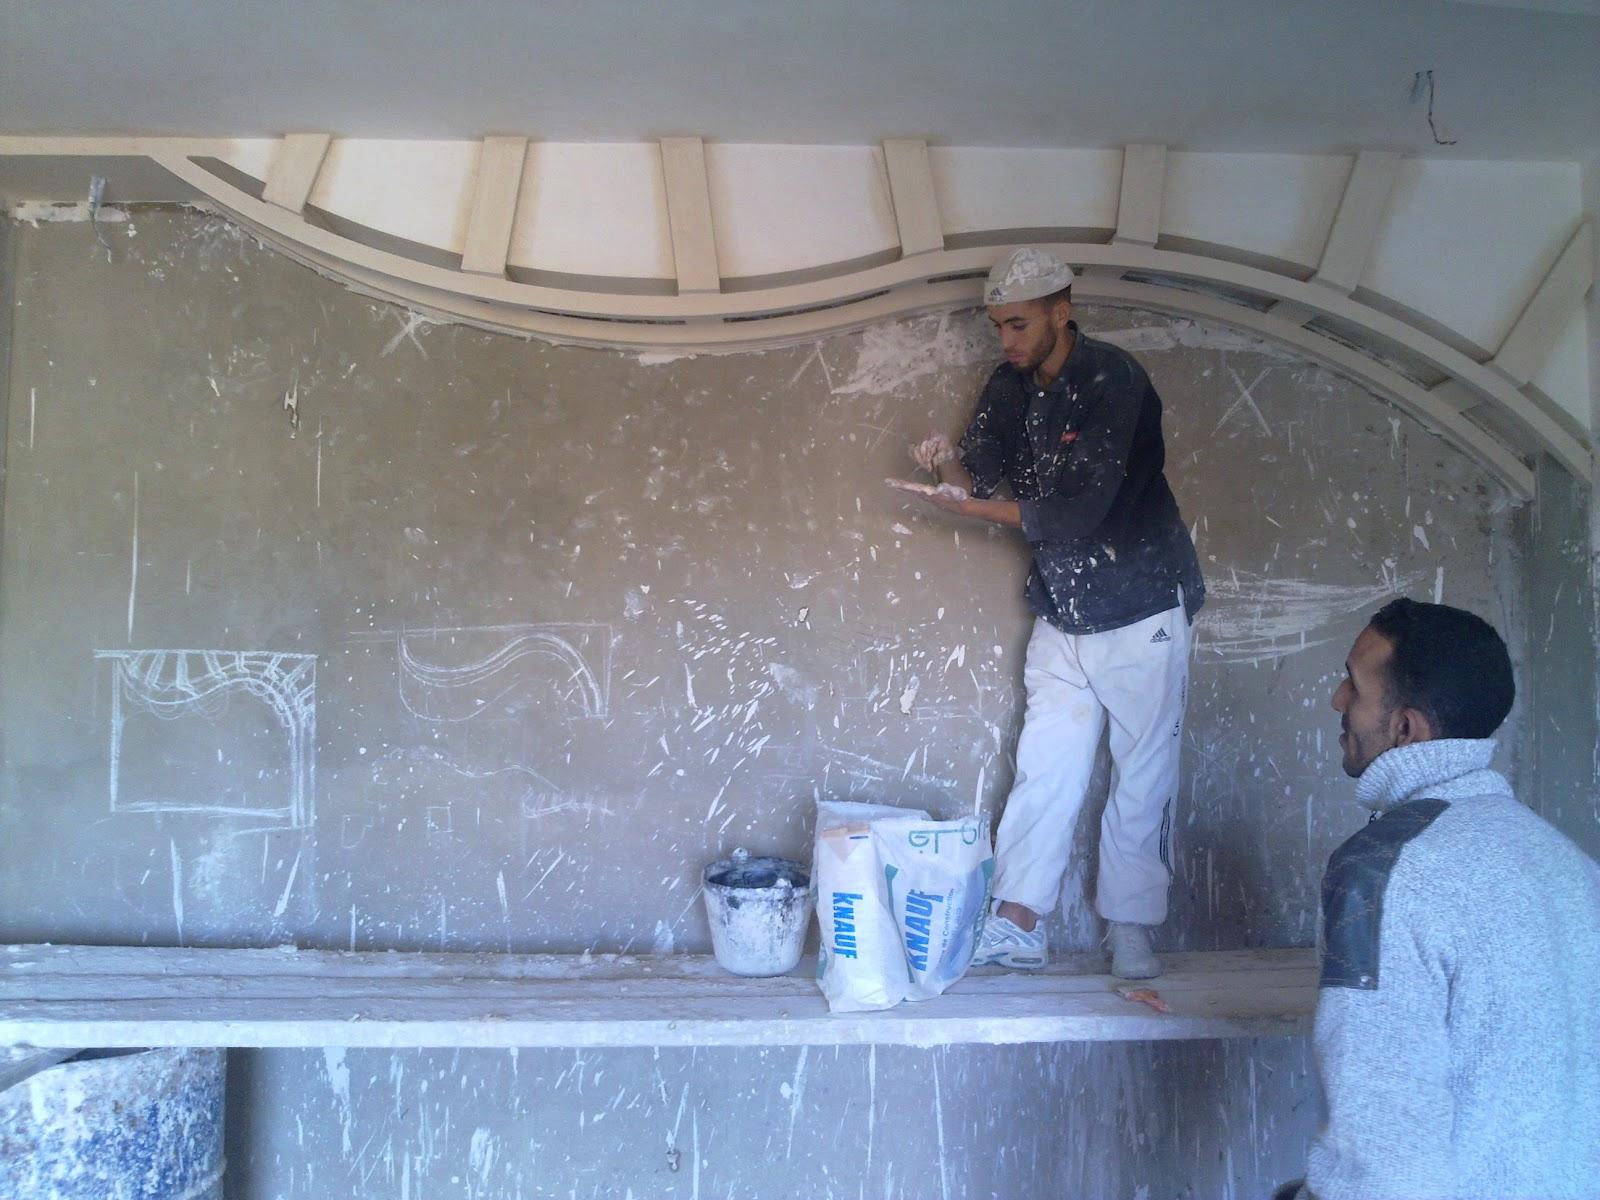 Platrer un mur ms timicha d coration marocaine for Platrer un mur interieur